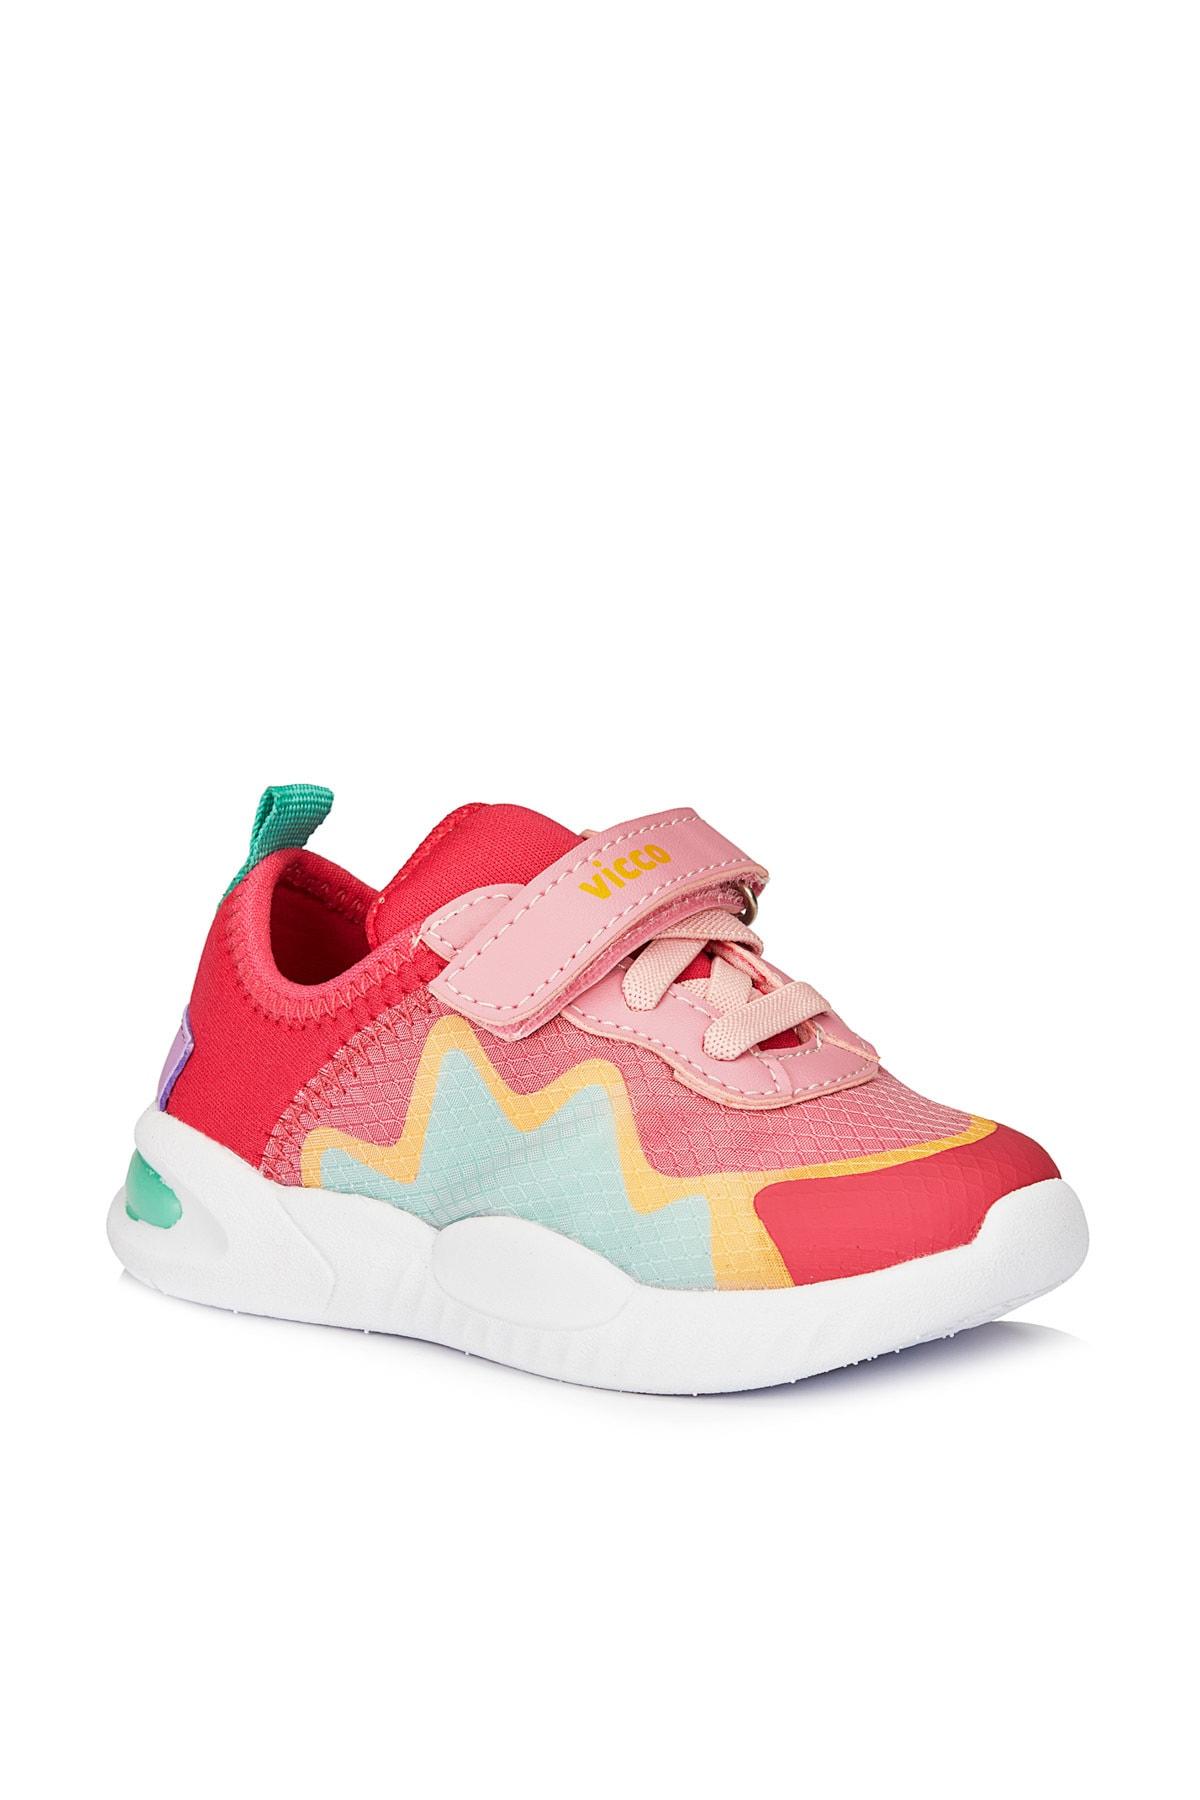 Robi Hafif Kız Bebe Fuşya Spor Ayakkabı